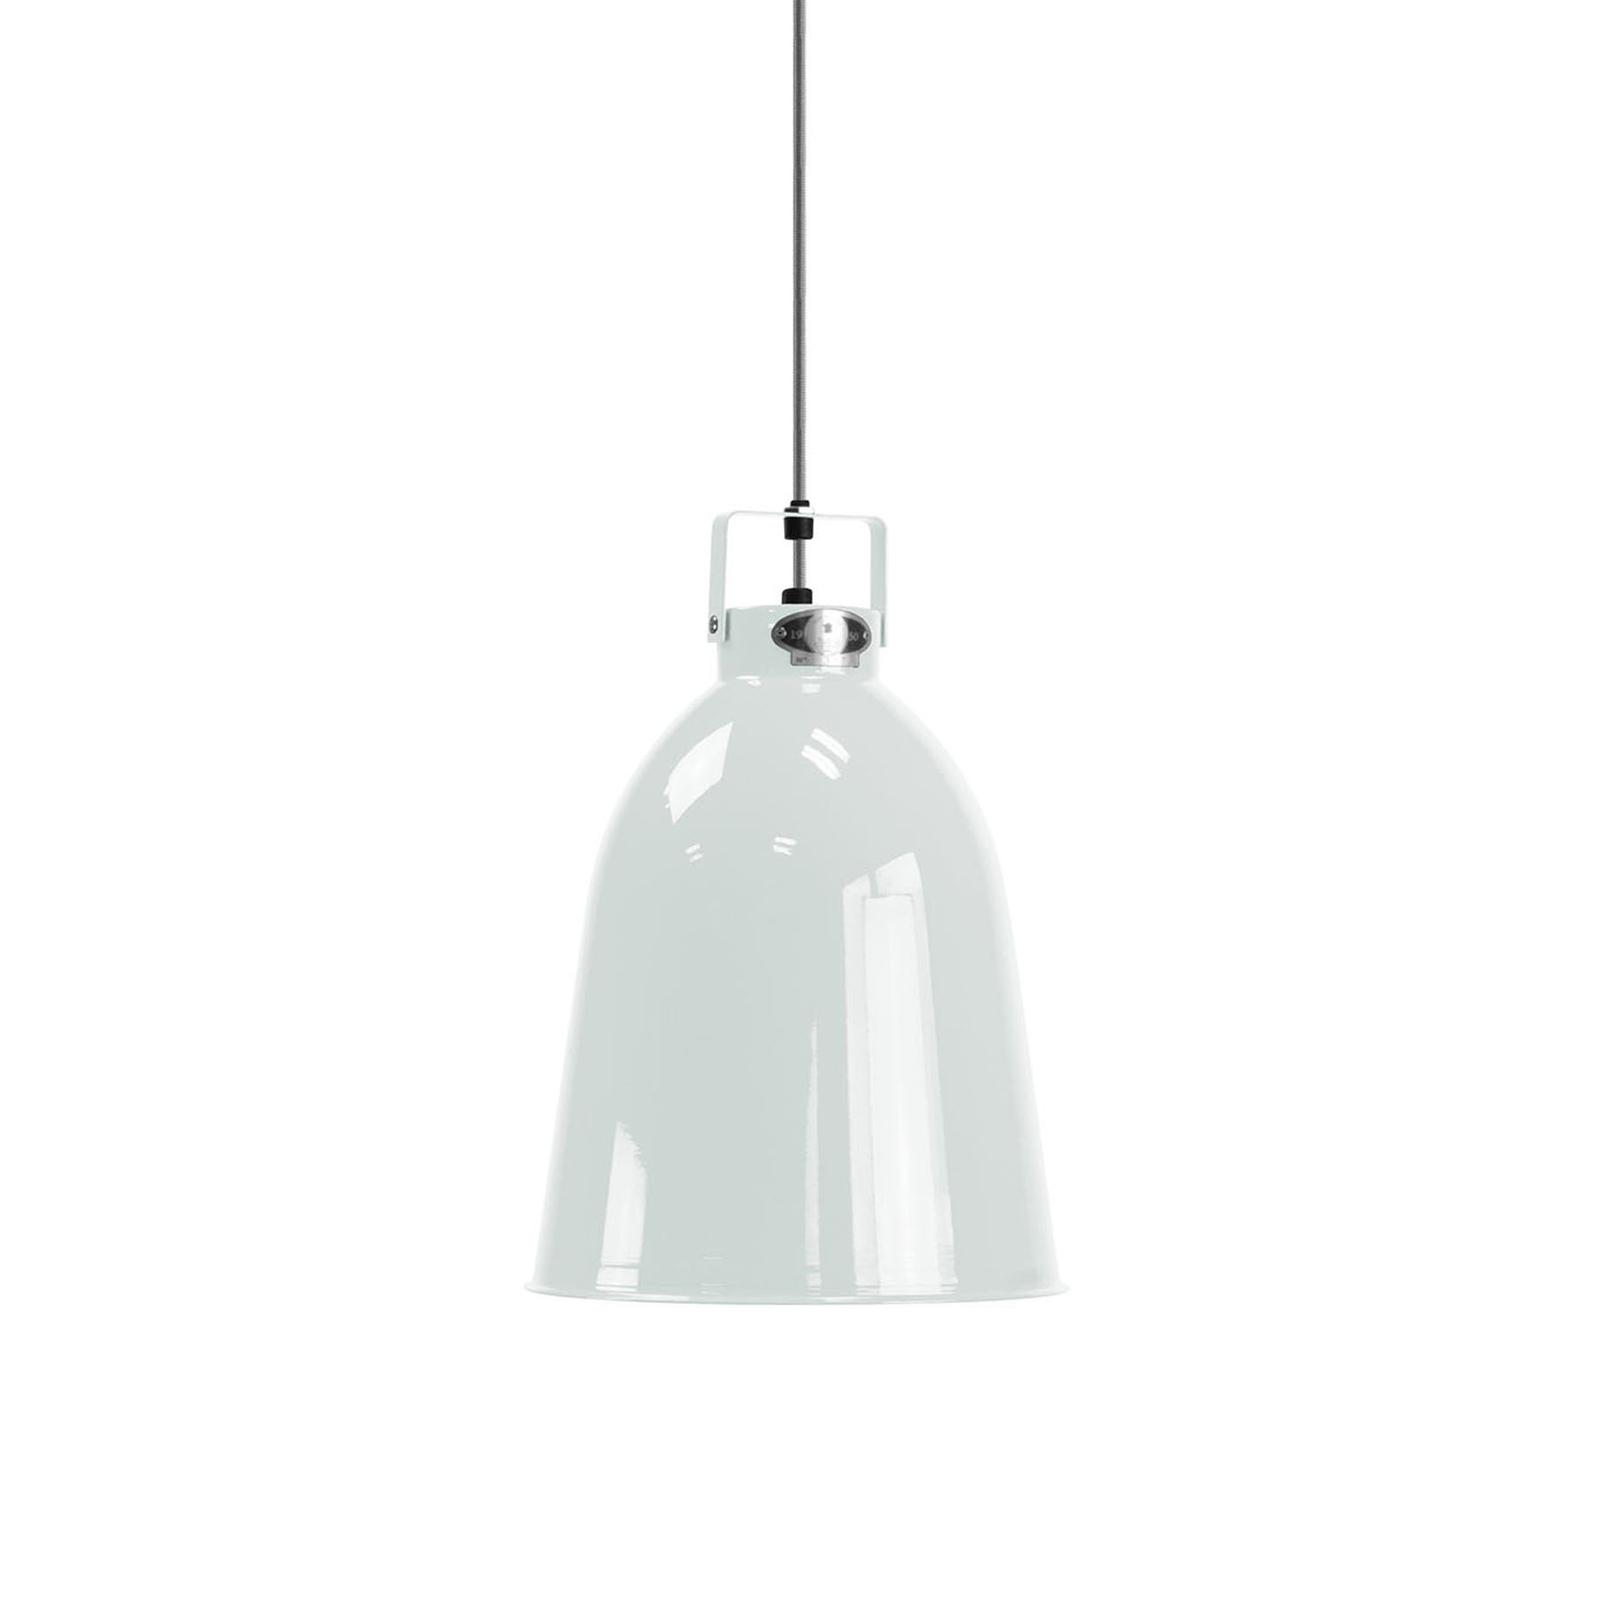 Jieldé Clément C240 hanglamp wit glans Ø24cm